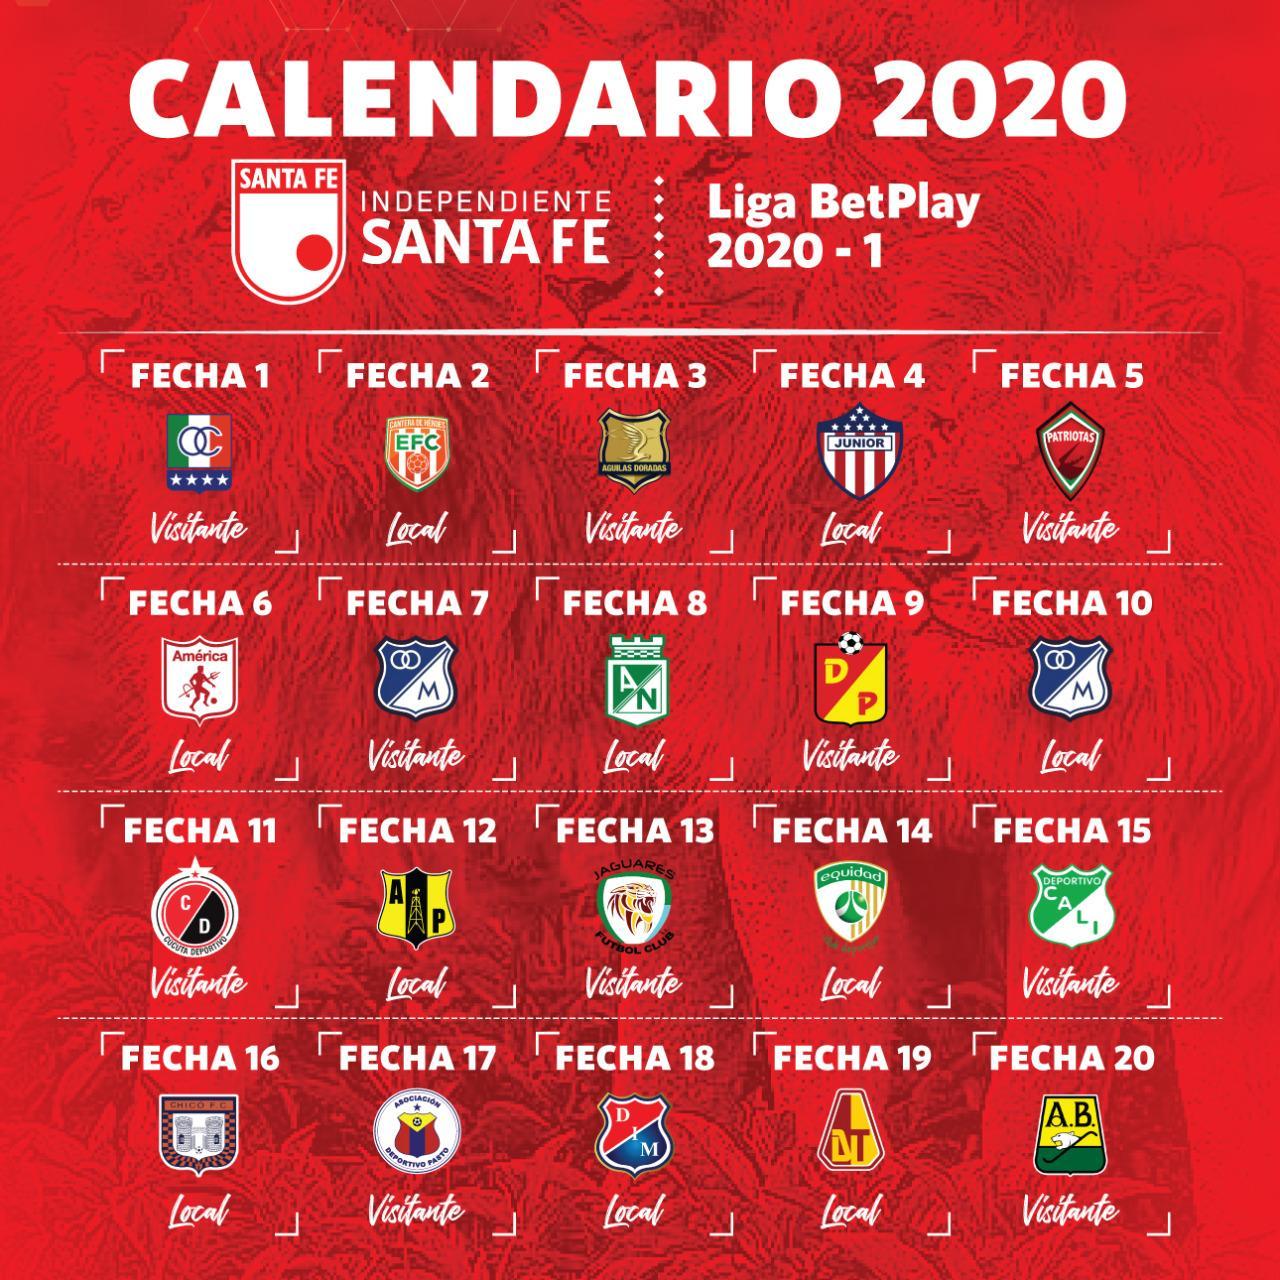 Salen 29 Jugadores De Santa Fe Que Se Alista Para La Liga Betplay Dimayor 2020 Eje21